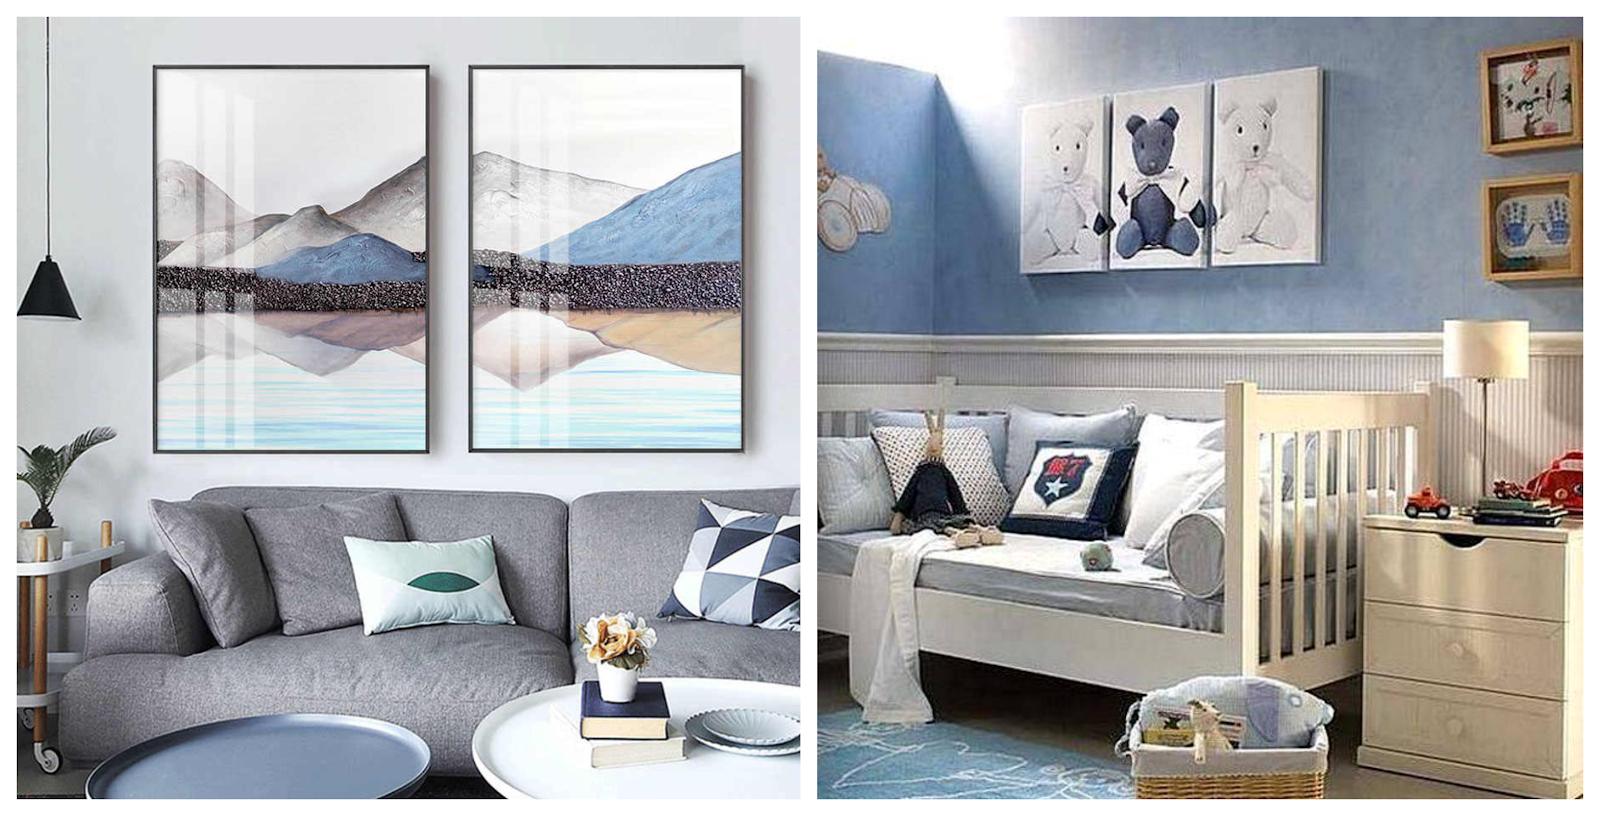 Картины в детскую комнату - быть или не быть?